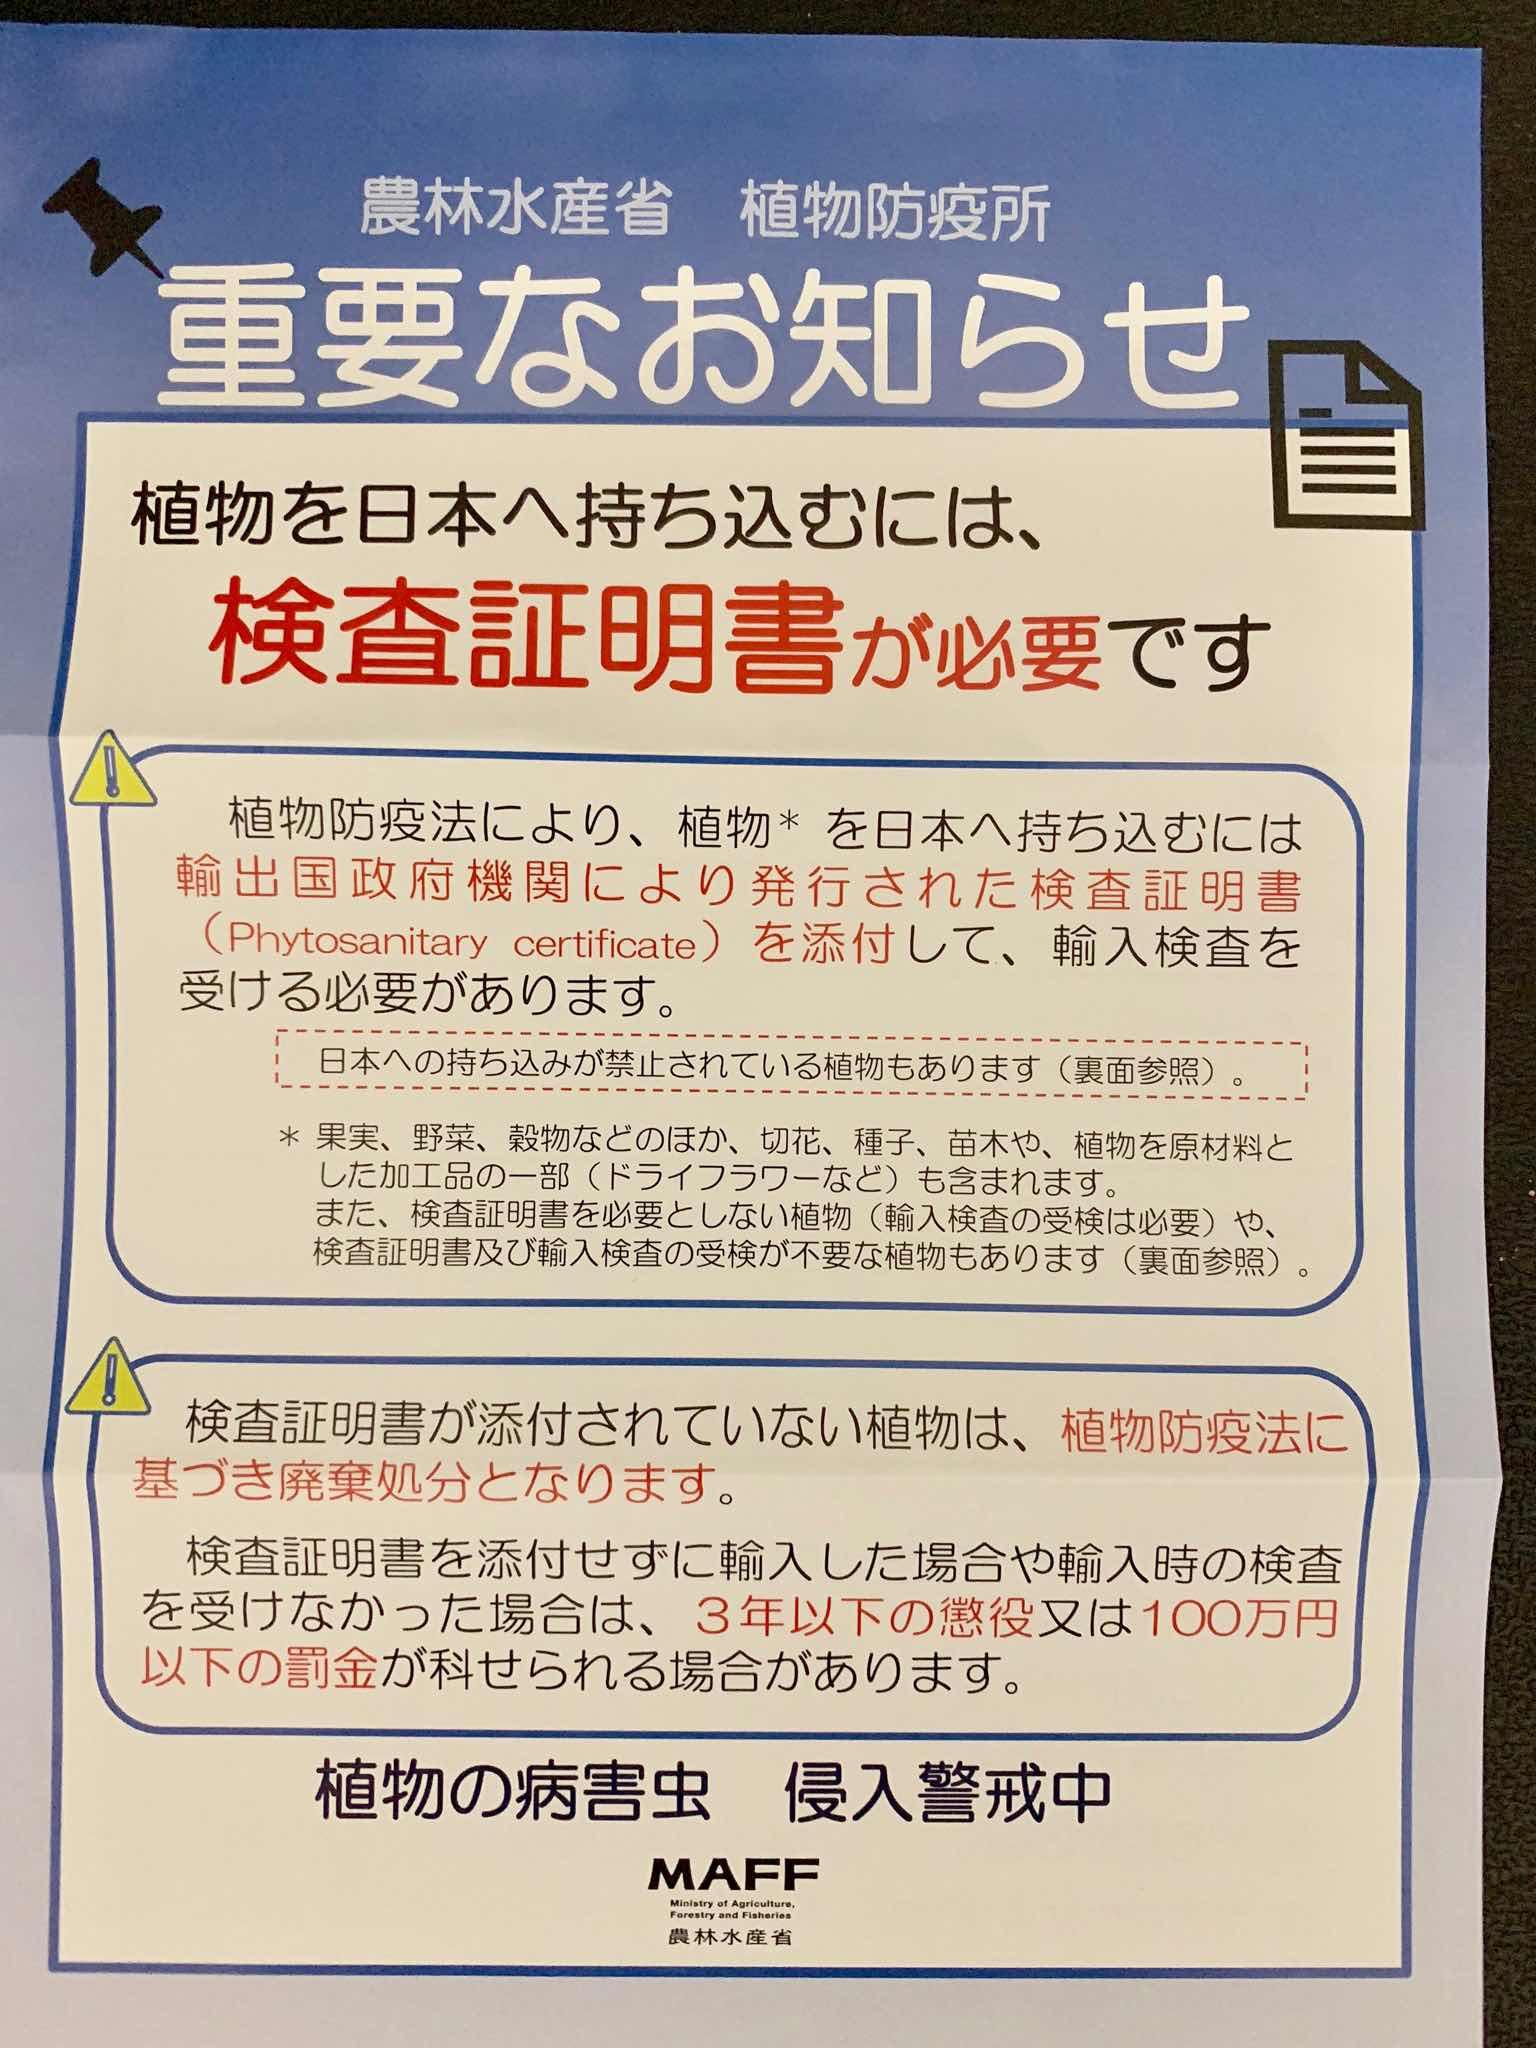 10月1日より植物防疫法変更